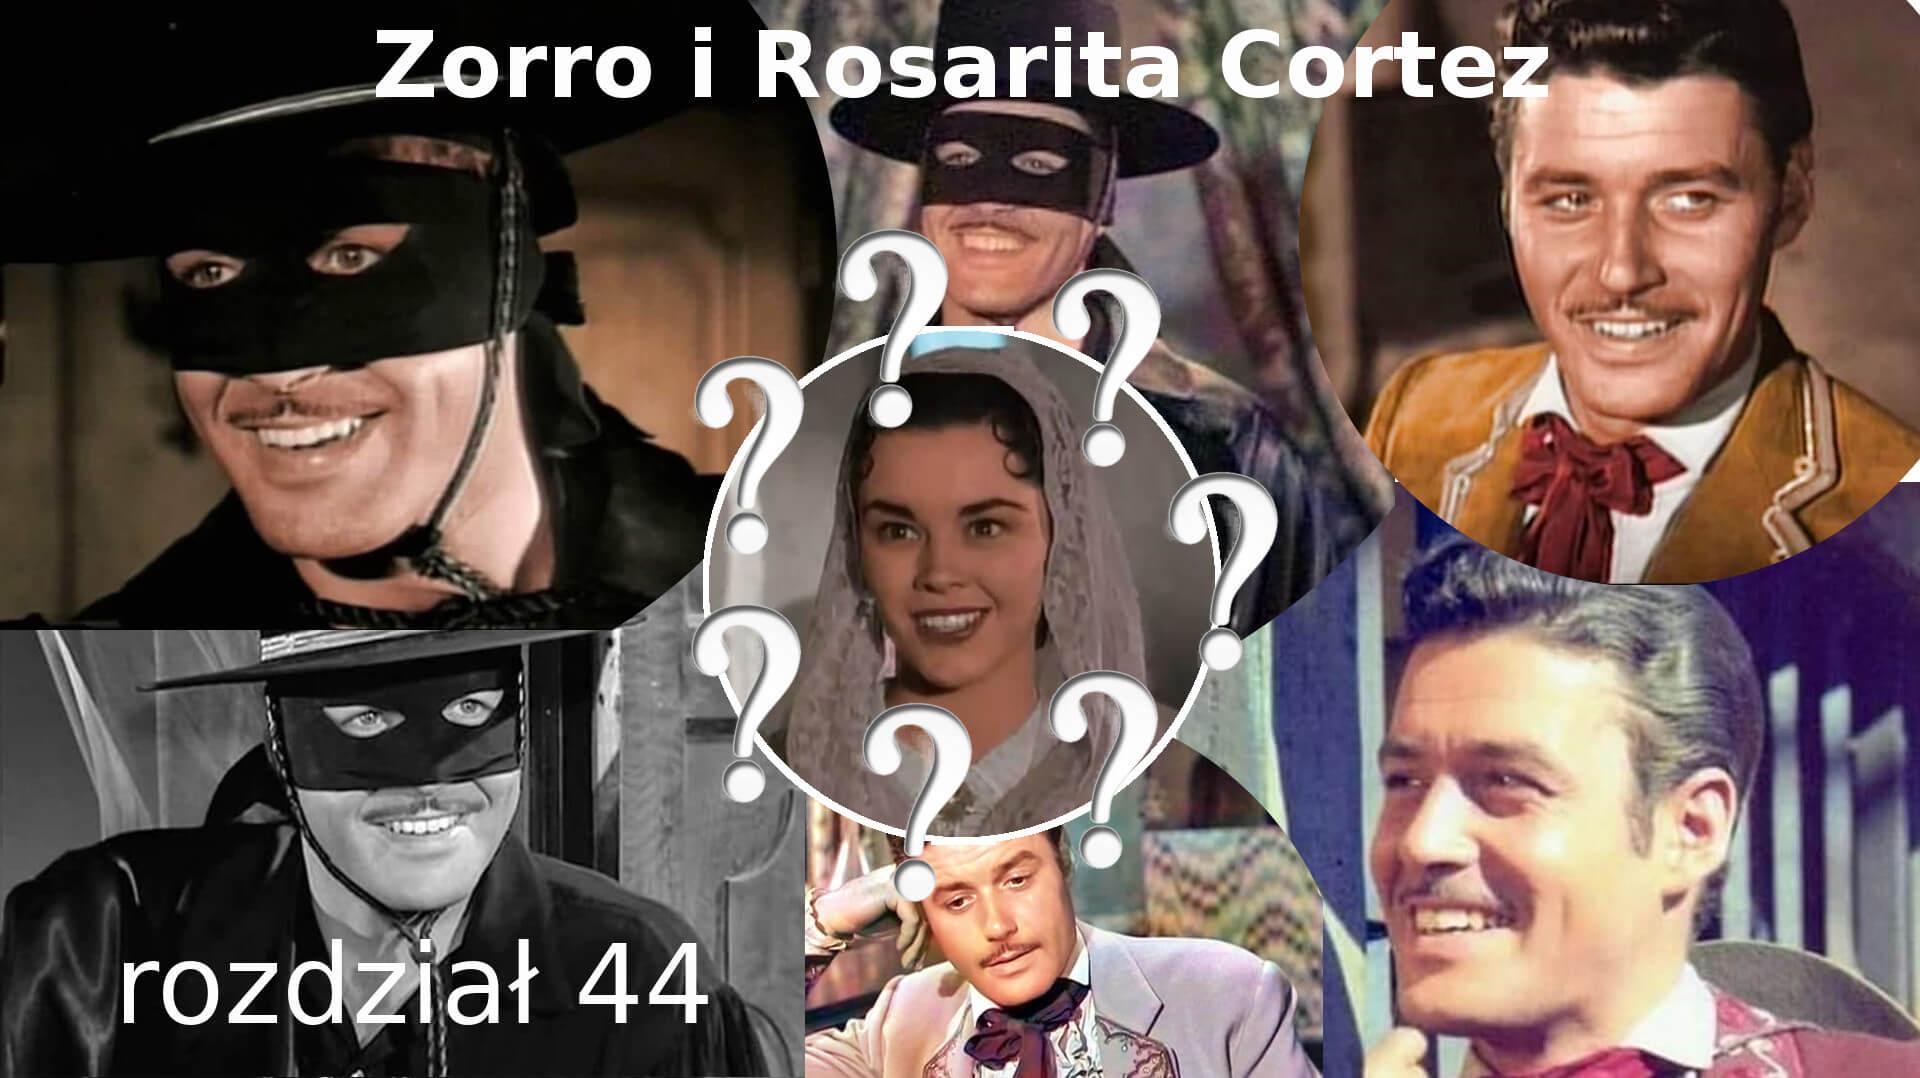 Zorro i Rosarita Cortez rozdział 44 Walt Disney Zorro fanfiction